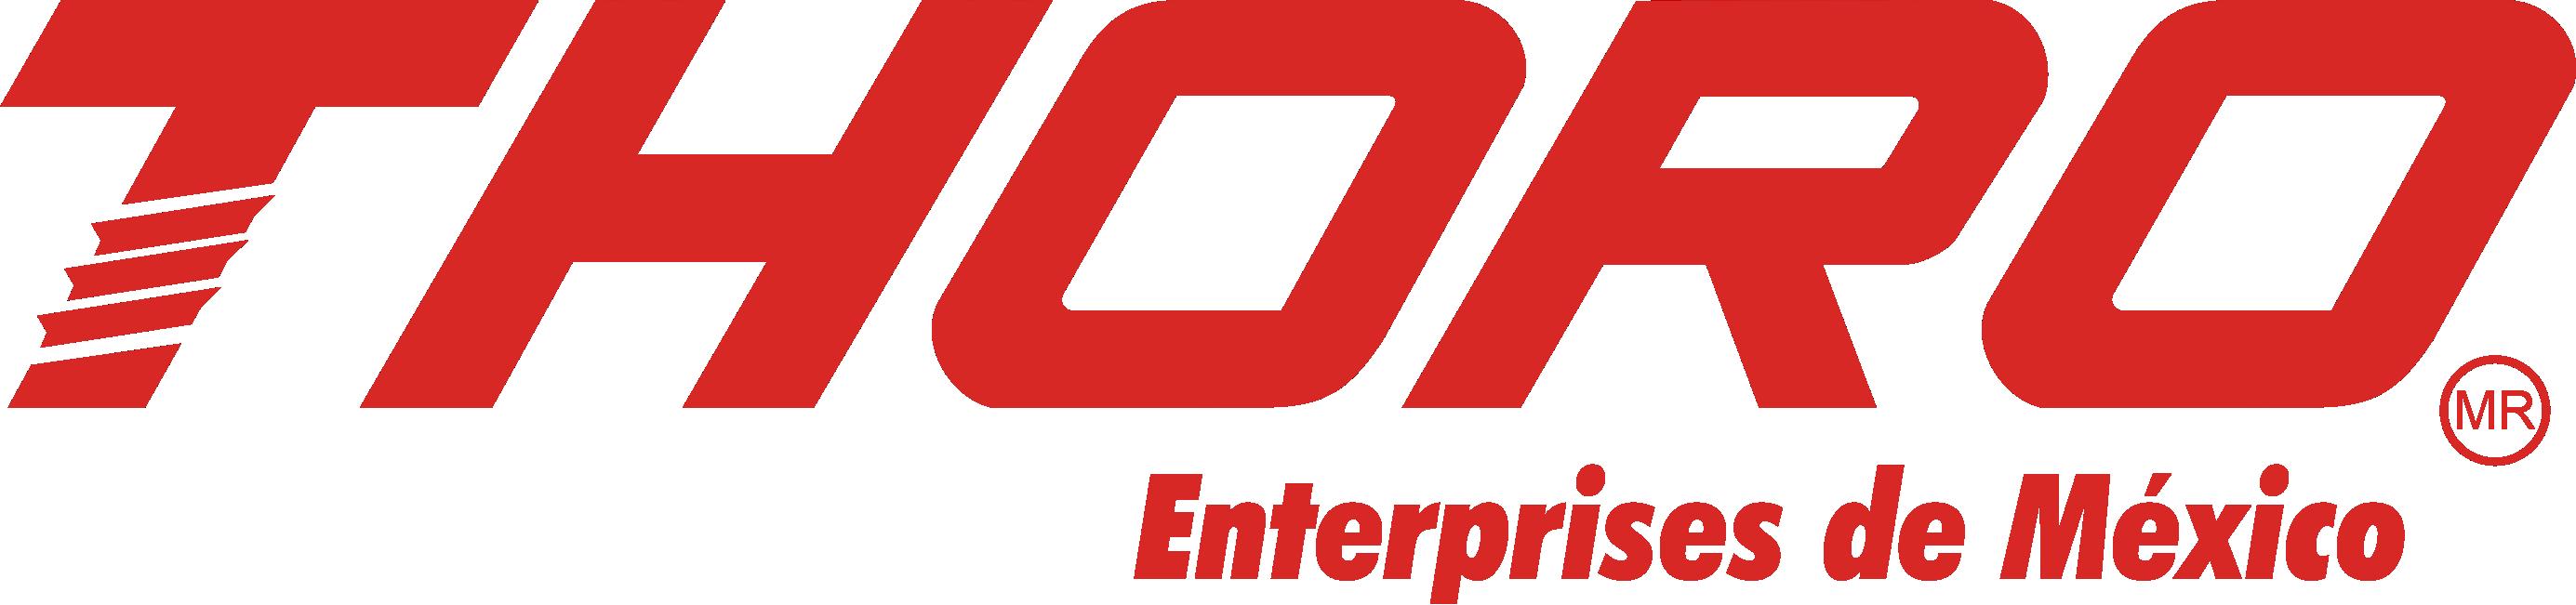 Thoro Enterprises de Mexico